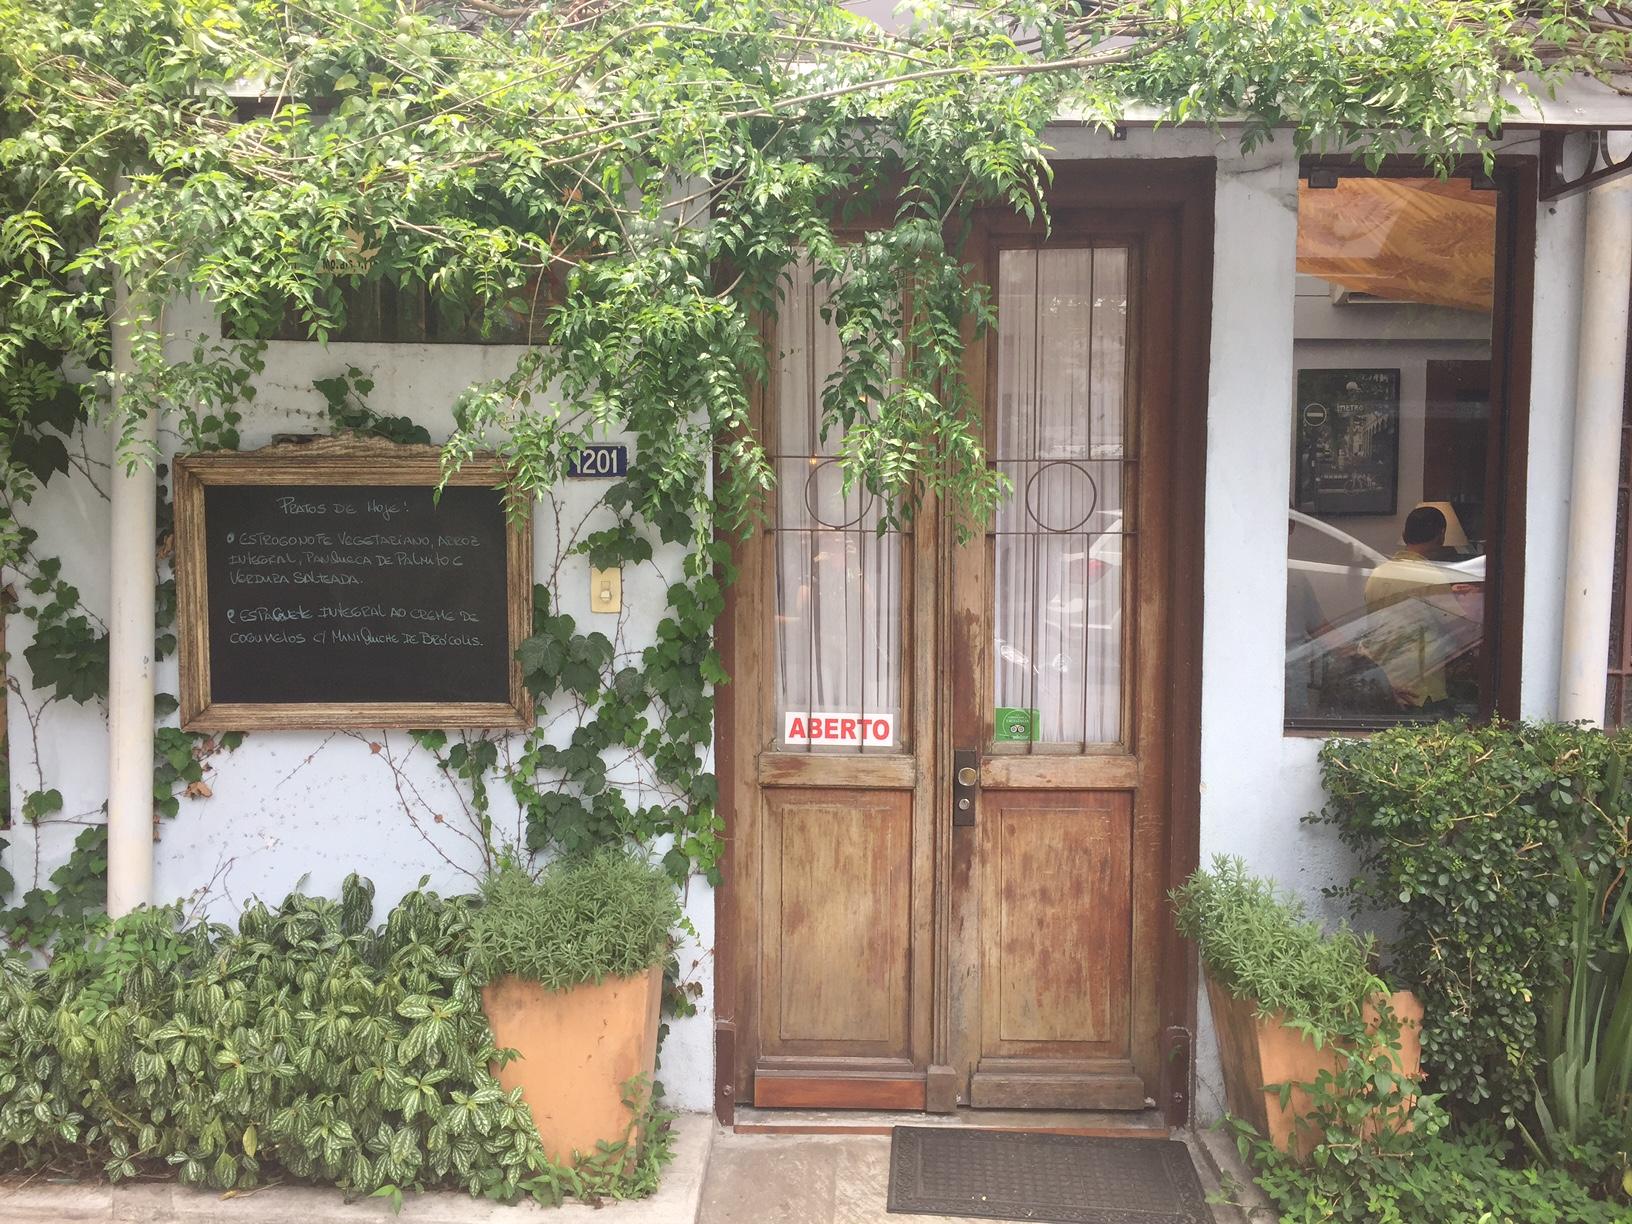 Ambrósio Café e Cozinha Afetiva